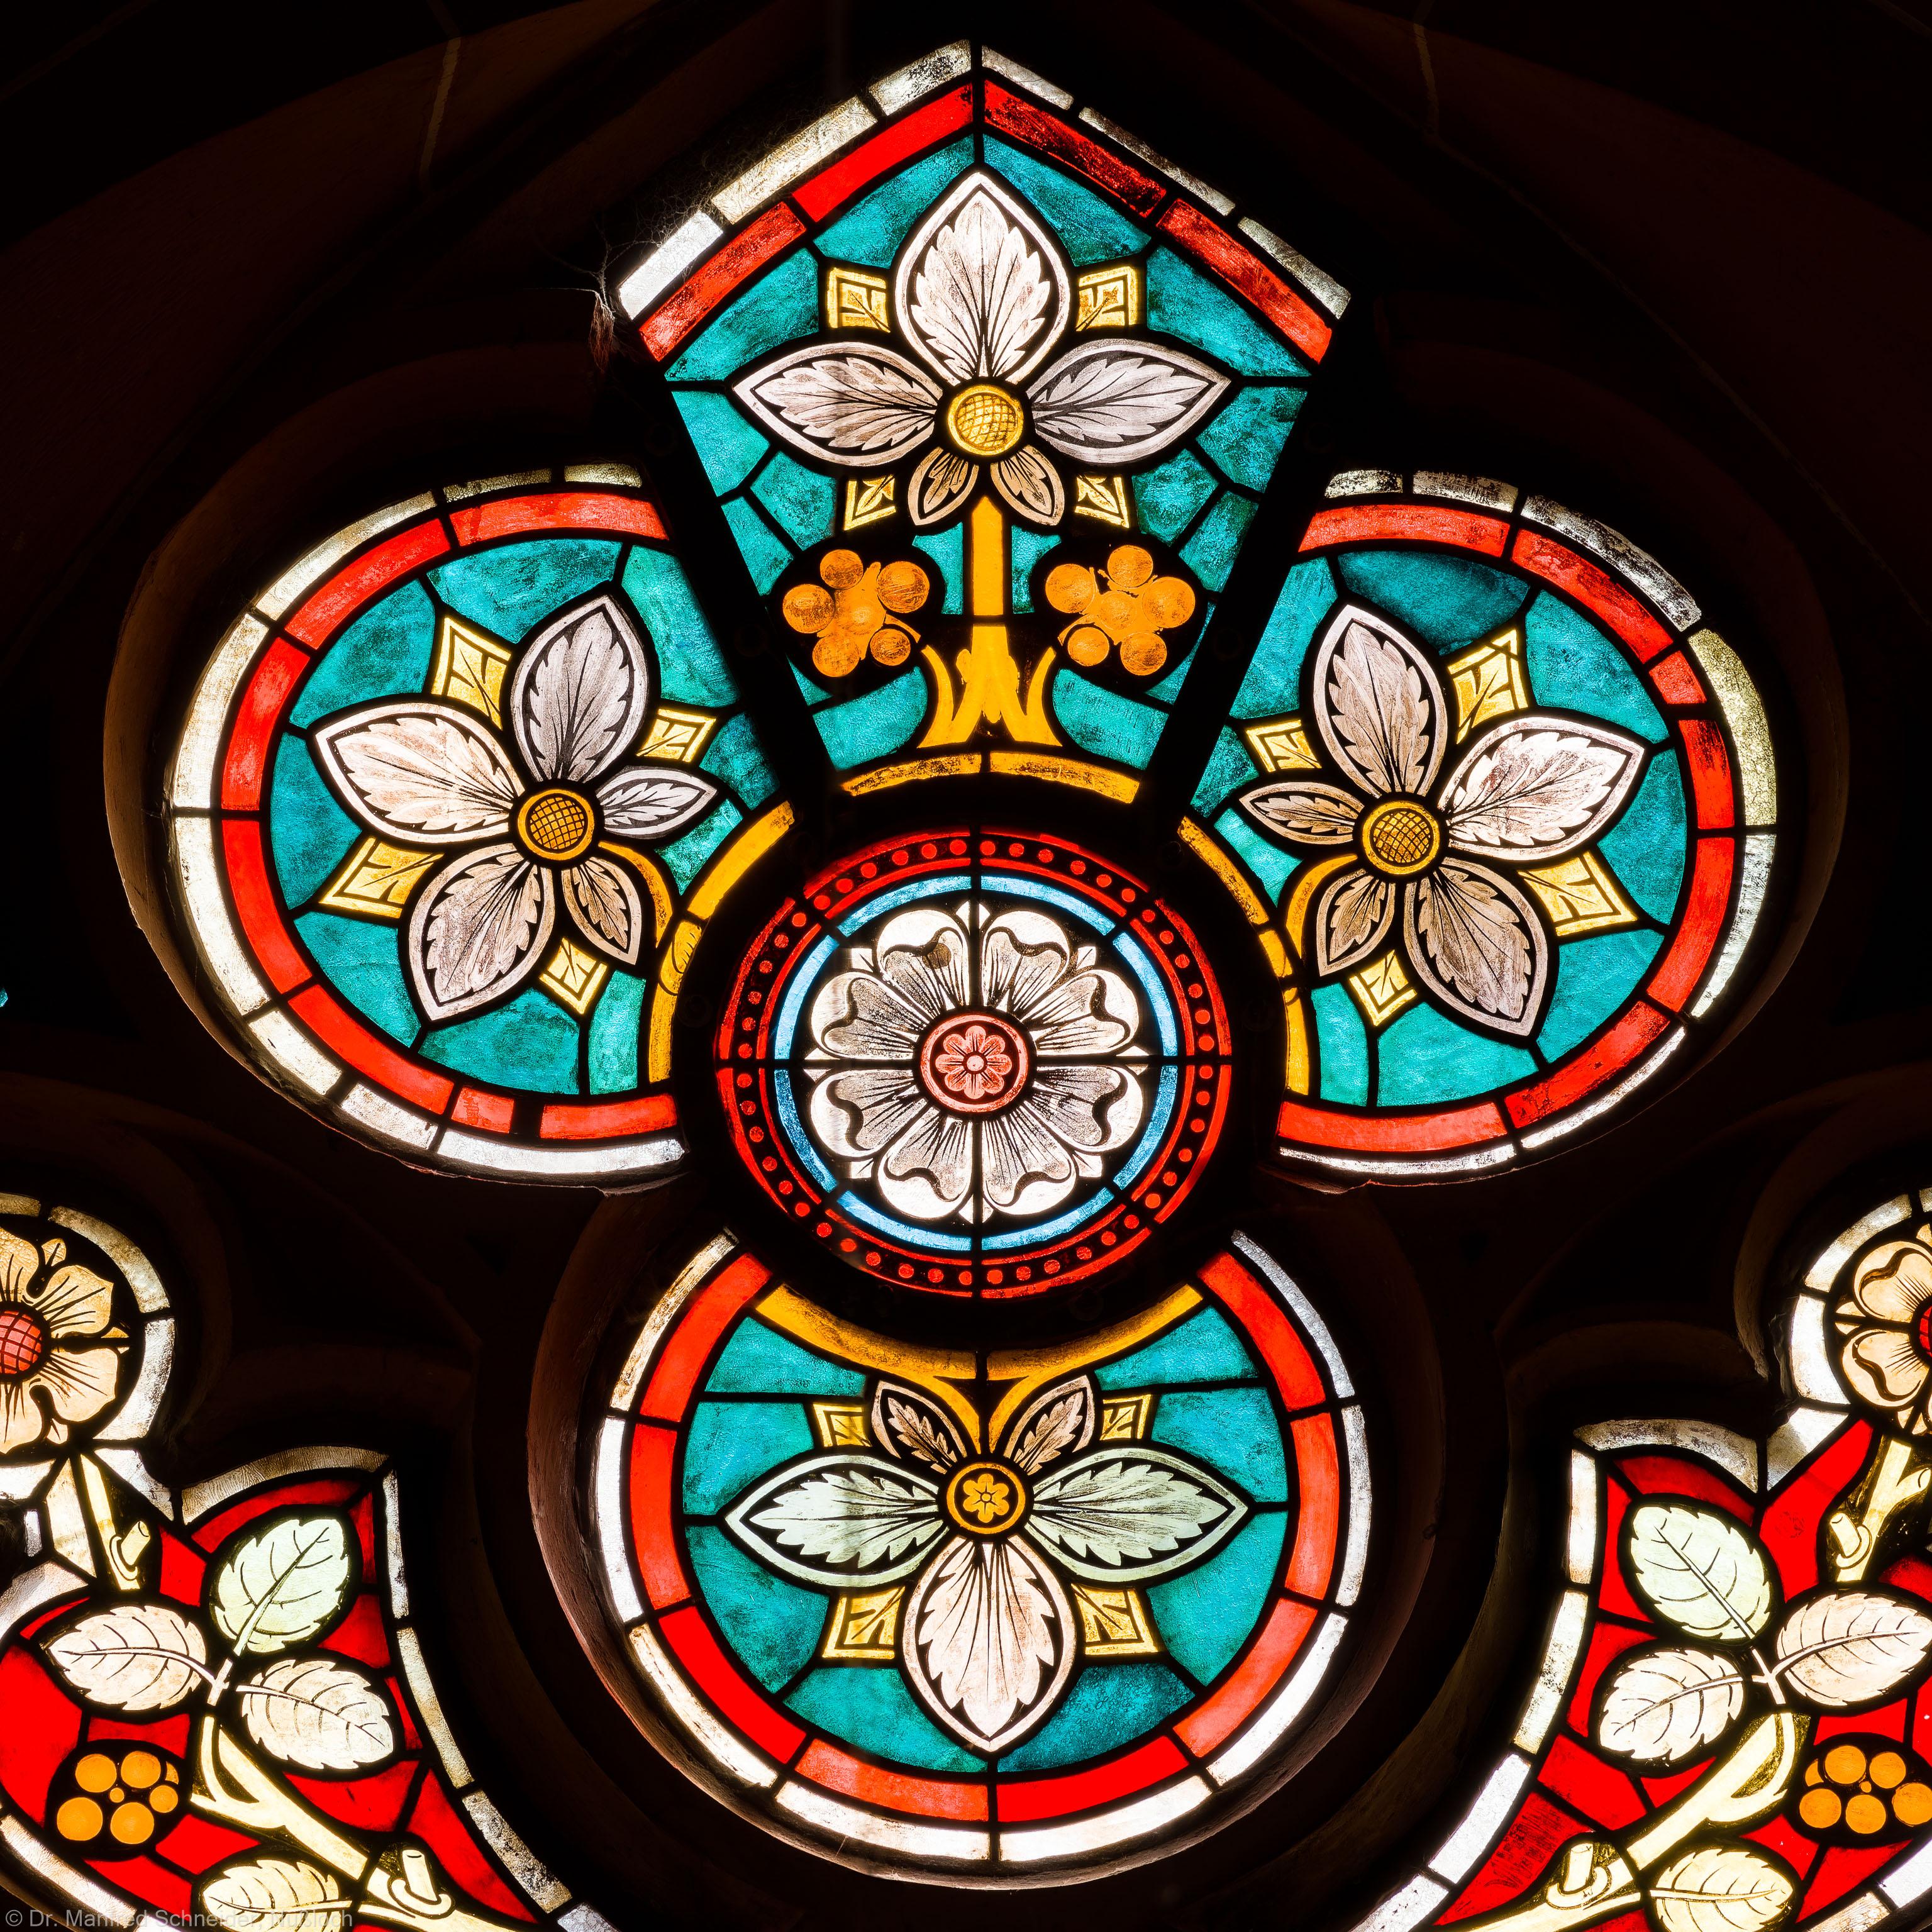 Heidelberg - Heiliggeistkirche - Südschiff - 3. Joch, von Westen aus gezählt - Ausschnitt aus dem Maßwerk des Ornamentfensters (aufgenommen im März 2013, am frühen Nachmittag)